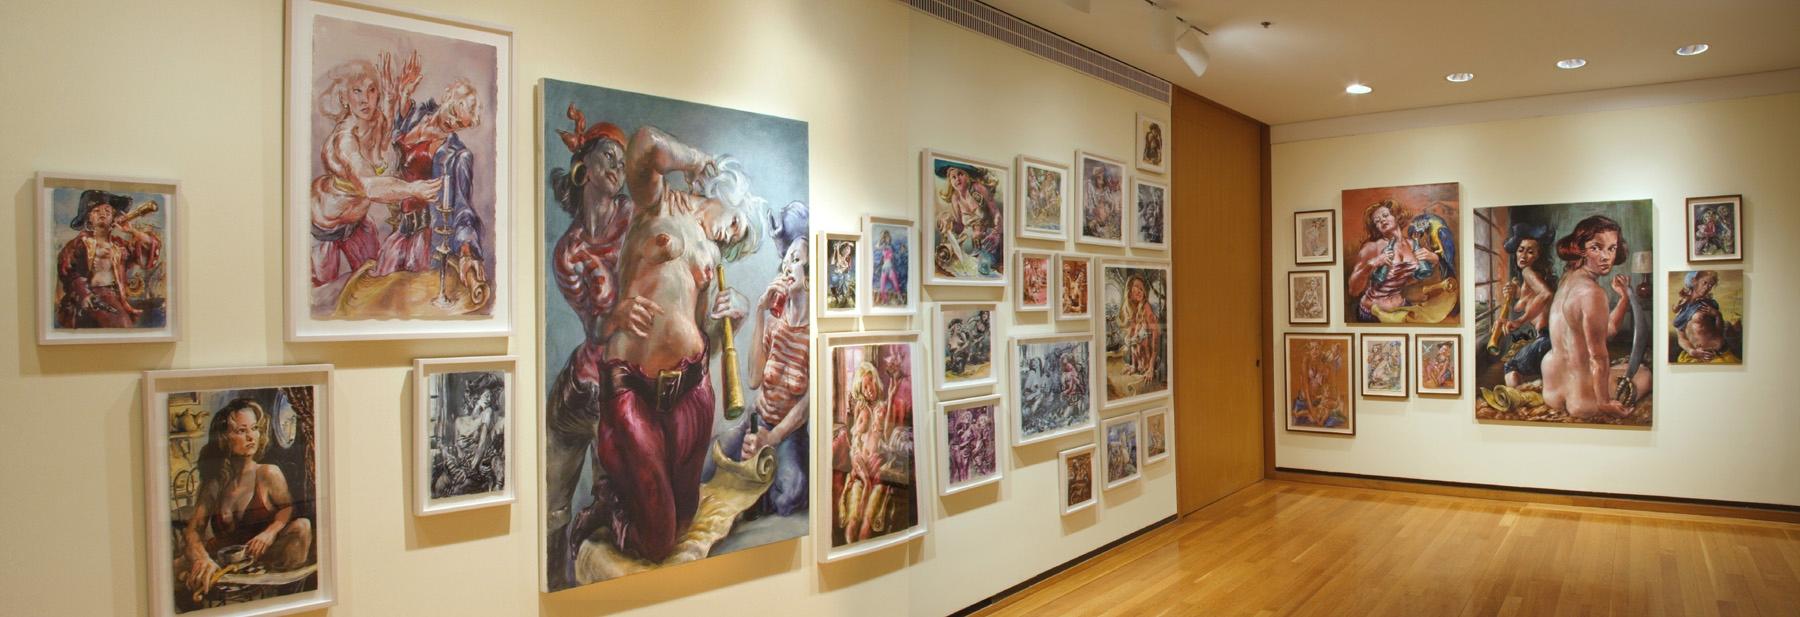 Left half of gallery installation